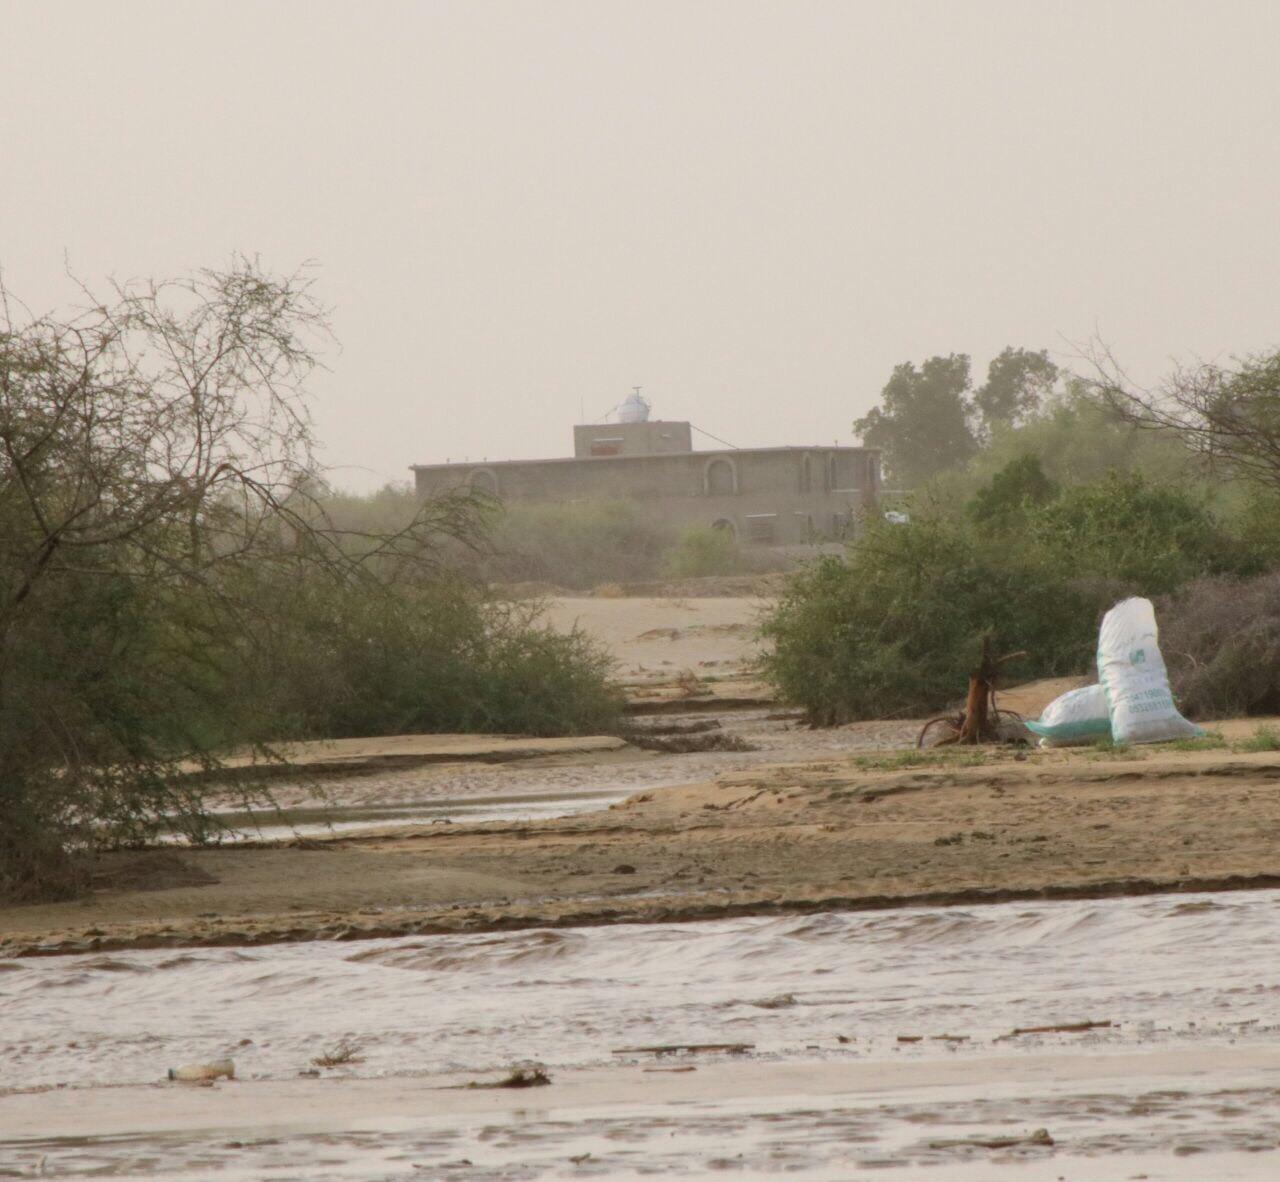 دعم بلدية العالية لفك حصار قرية حنقفة المحاصرة بالسيول (3)